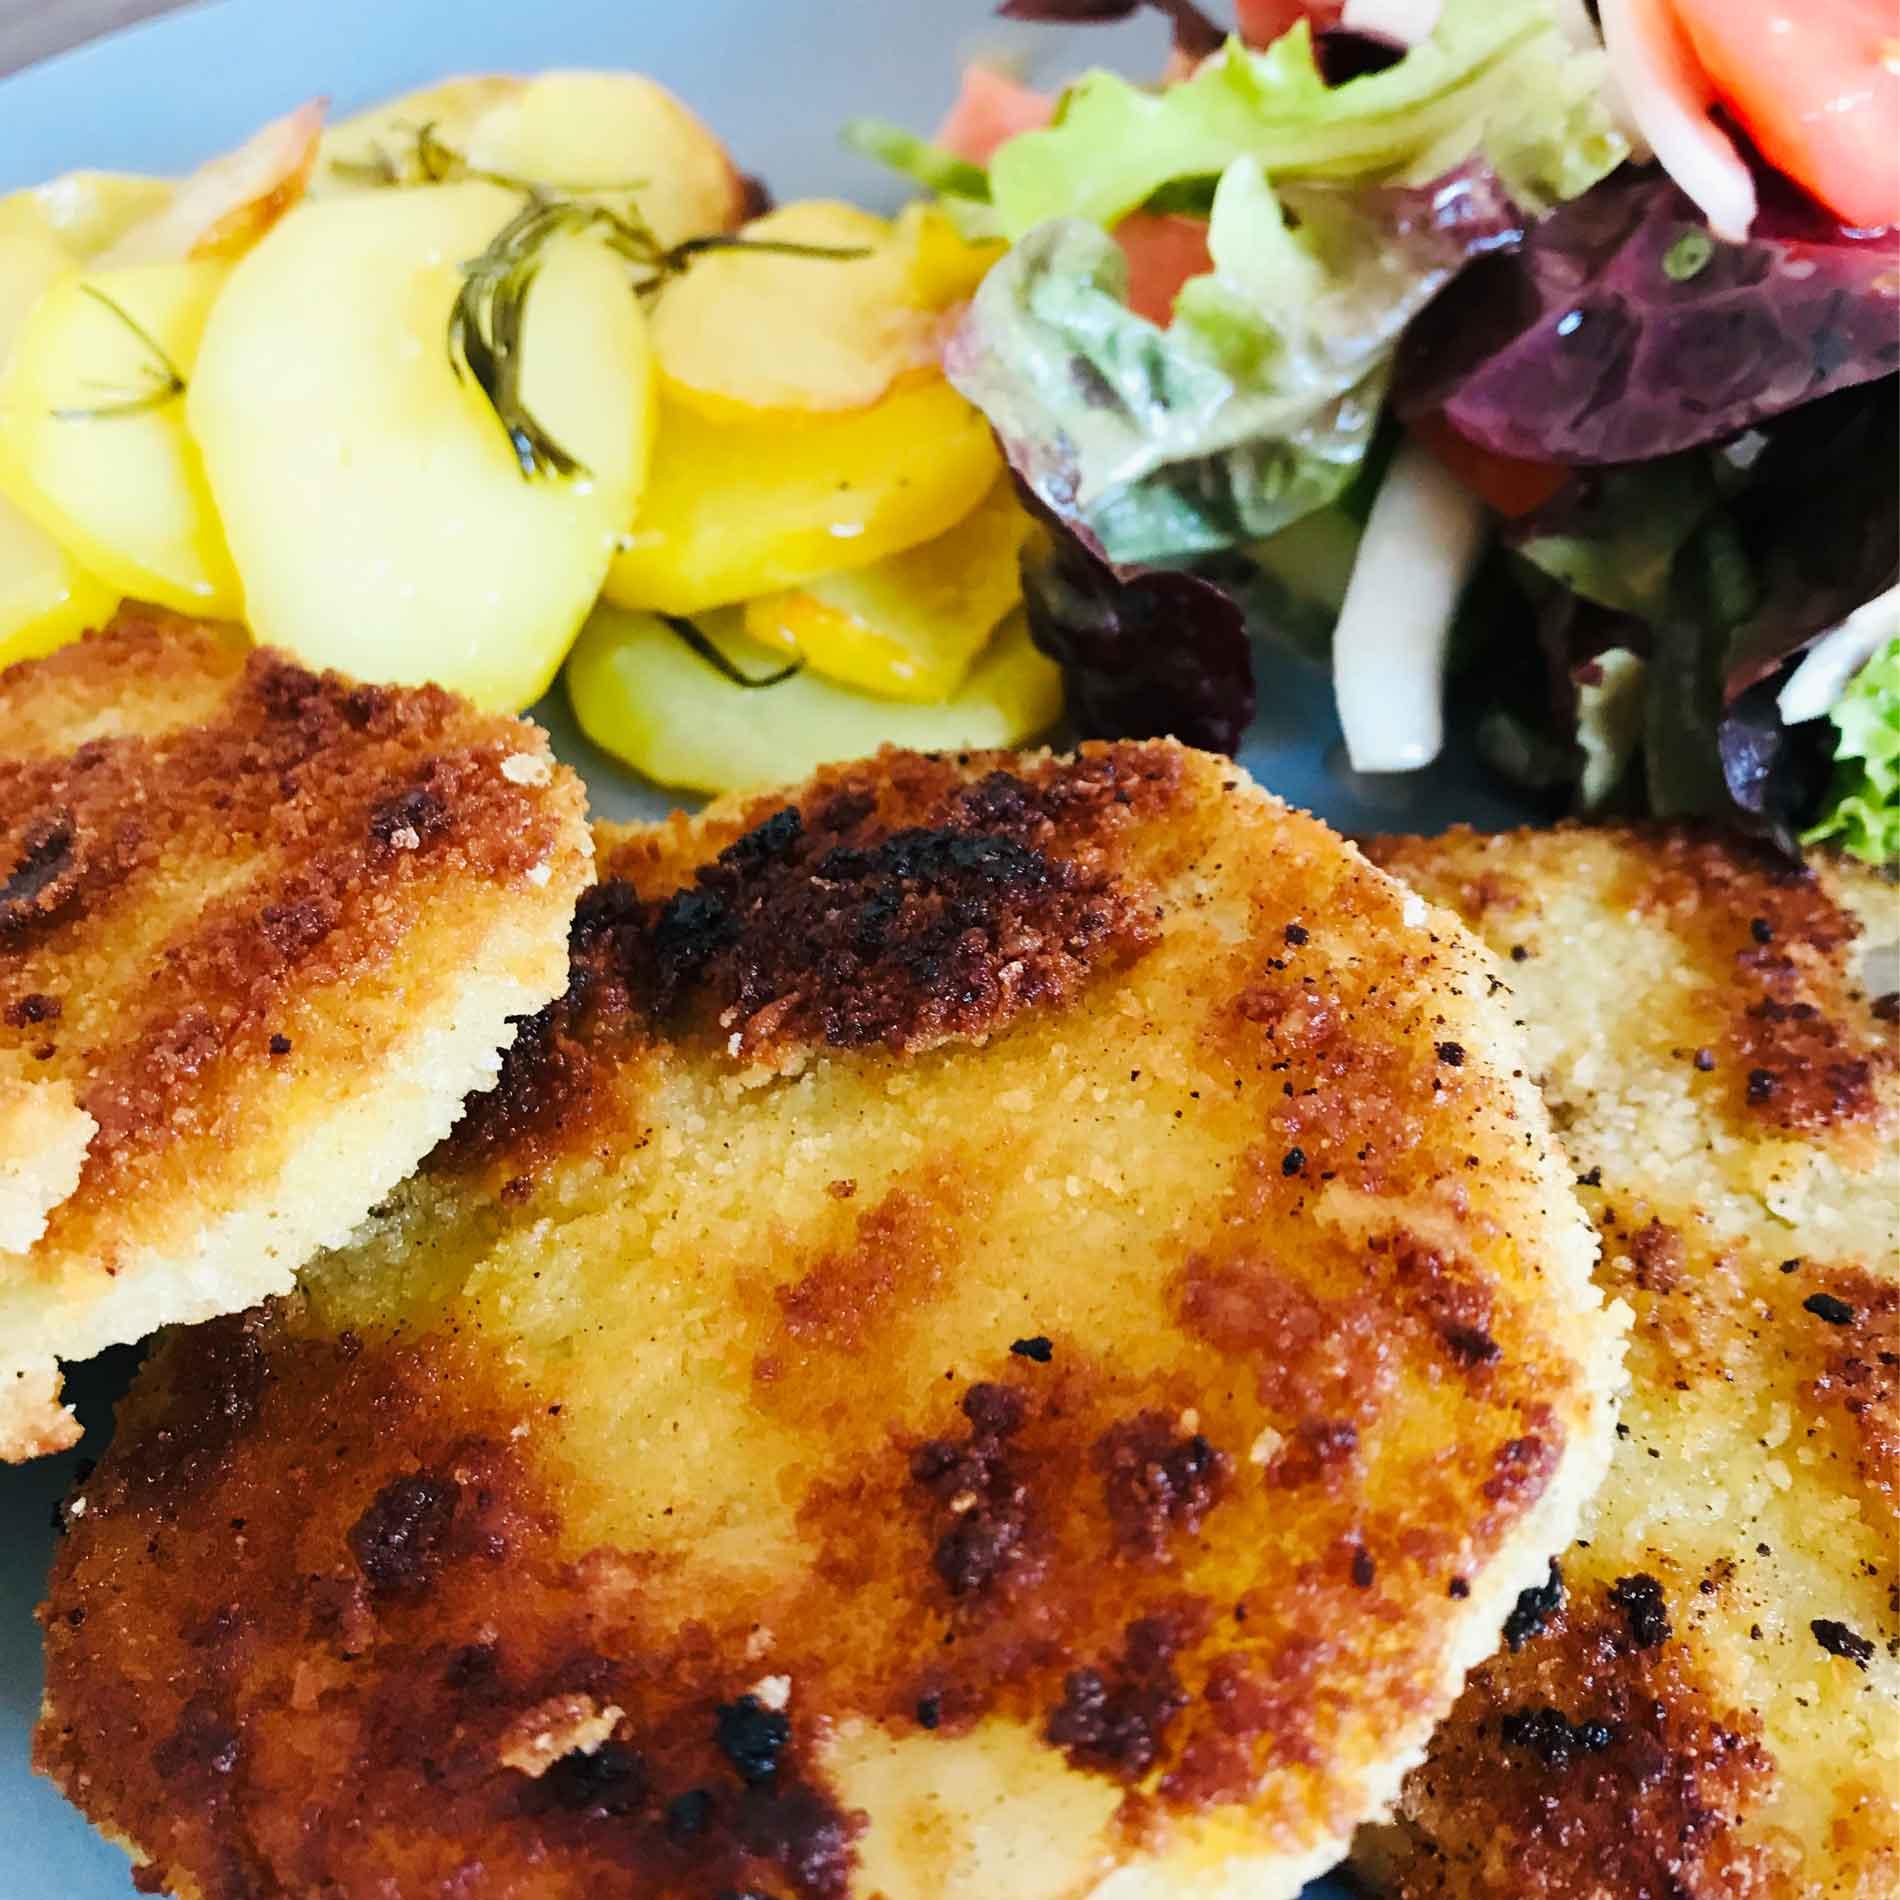 Kohlrabi-Schnitzel, Kohlrabi zubereiten, leckere Kohlrabi-Schnitzel, vegetatische Kohlrabi-Schnitzel, Kohlrabi-Schmitzel mit Rosmarin Kartoffeln und Salat, Rosmarin Kartoffeln, Kohlrabi rezept, Kohlrabi-Schnitzel Rezept